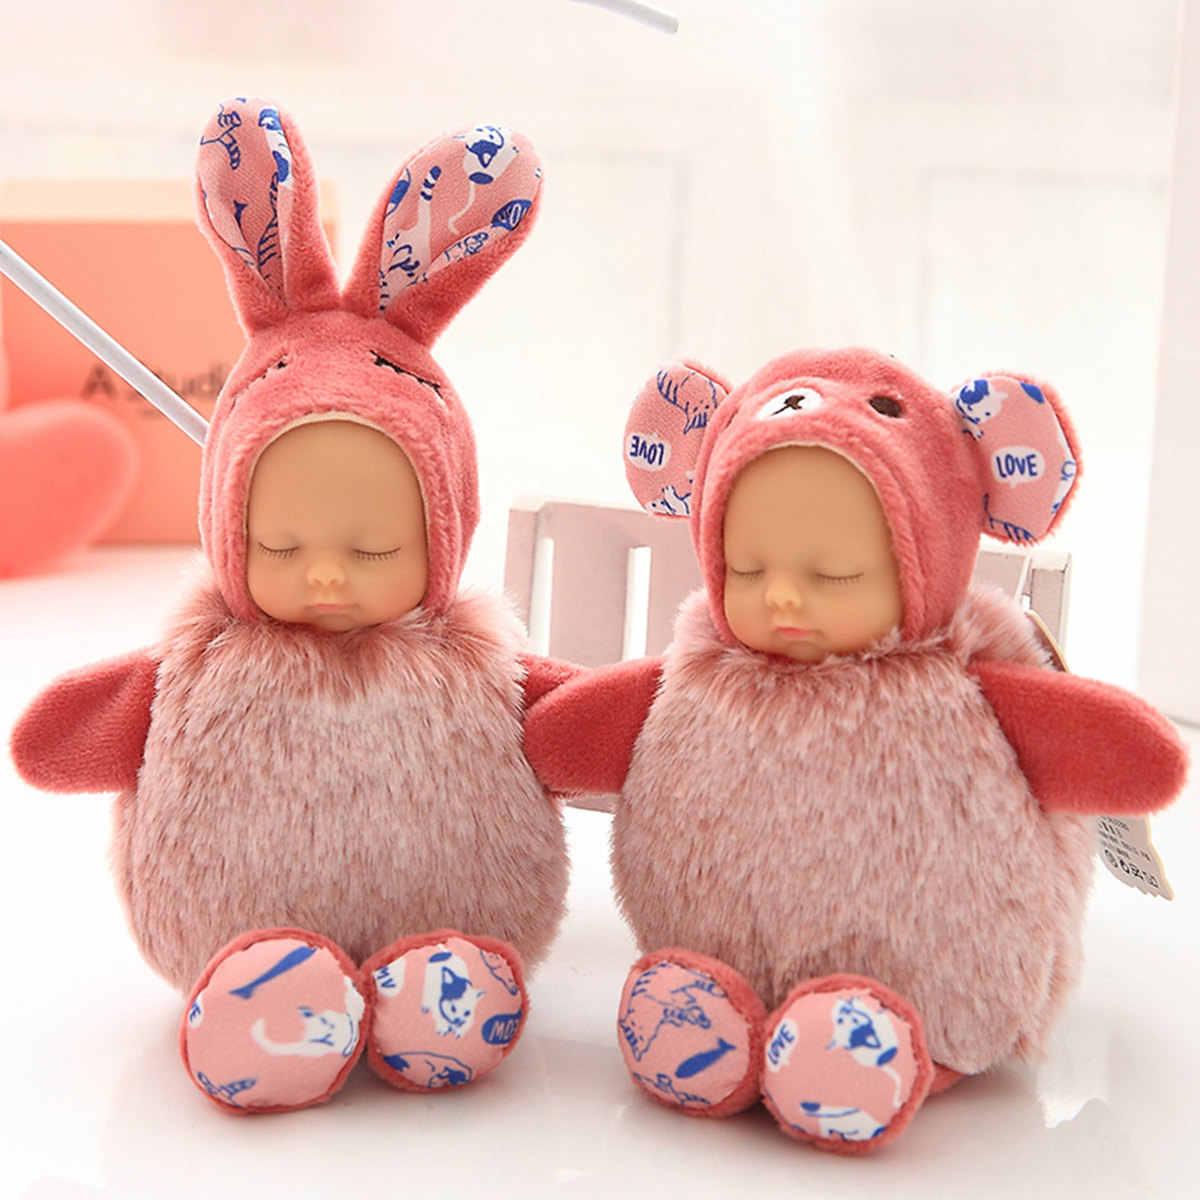 15 см Плюшевые брелоки игрушка кролик мех Спящая Детская кукла брелок мягкая плюшевая сумка модная цепочка для ключей гаджет аксессуары Игрушка